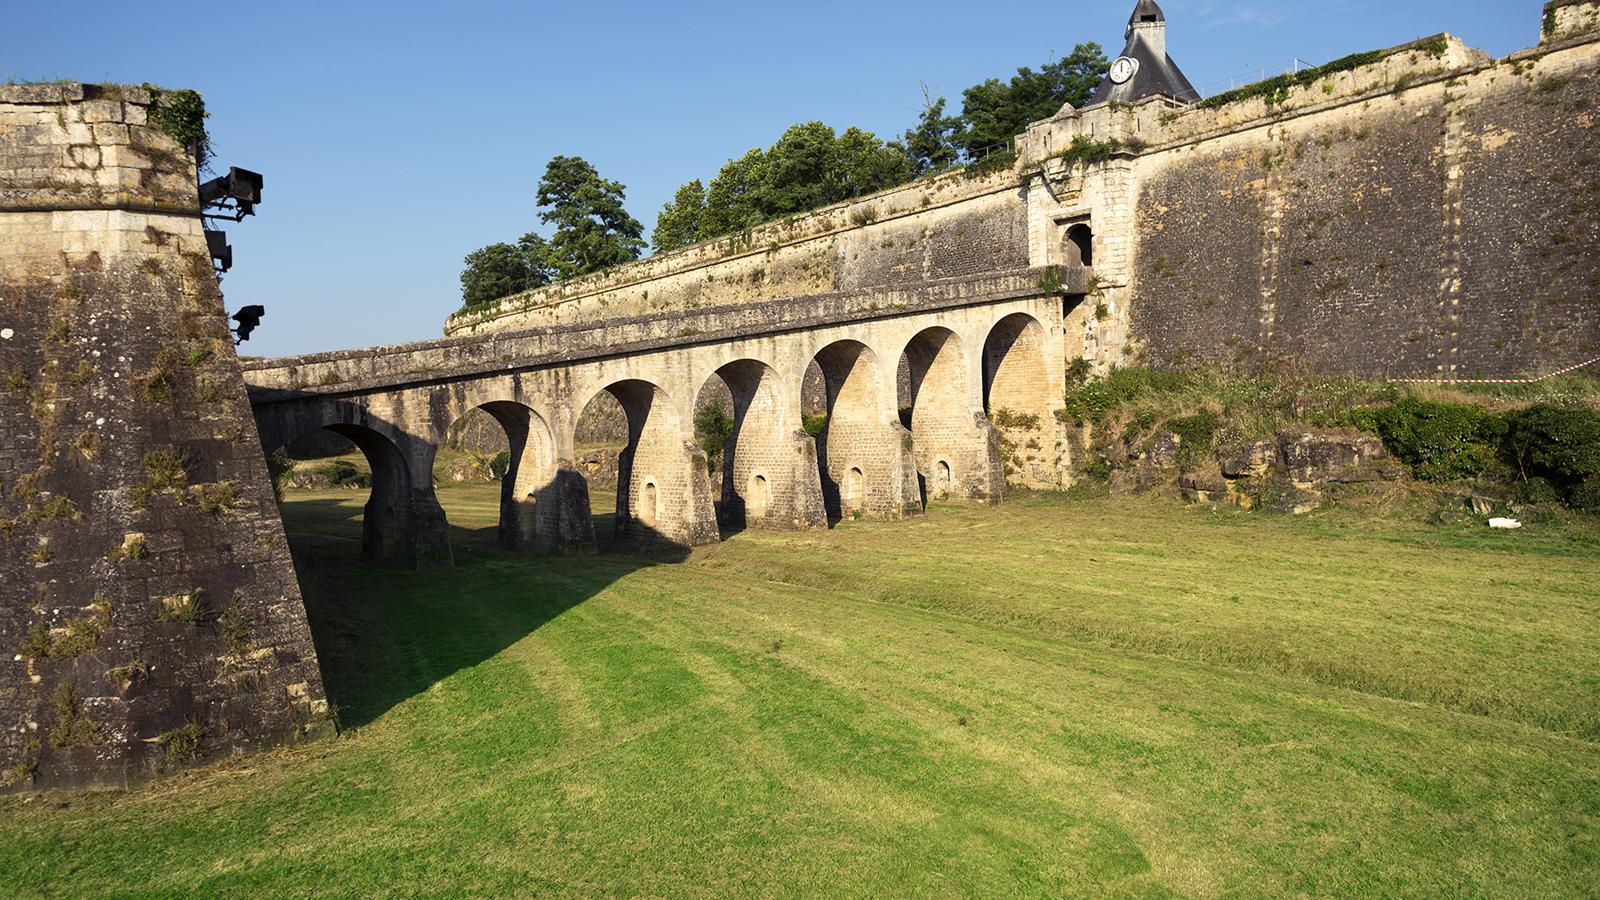 La citadelle de Blaye, le vignoble et l'estuaire de la Gironde